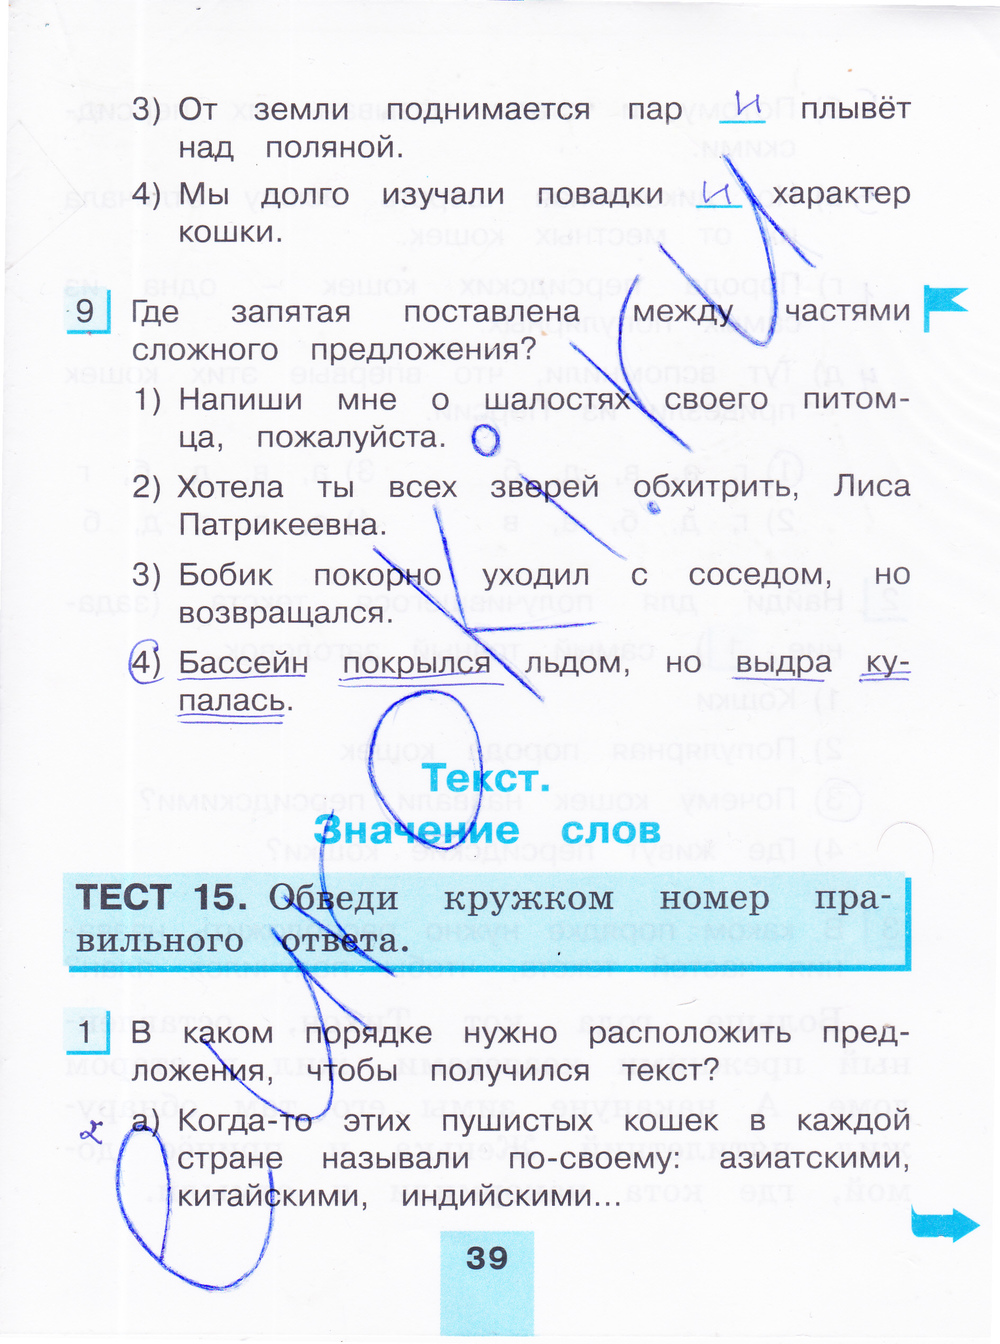 По 2 тетрадь гдз класс языку рабочая часть 2 корешкова русскому